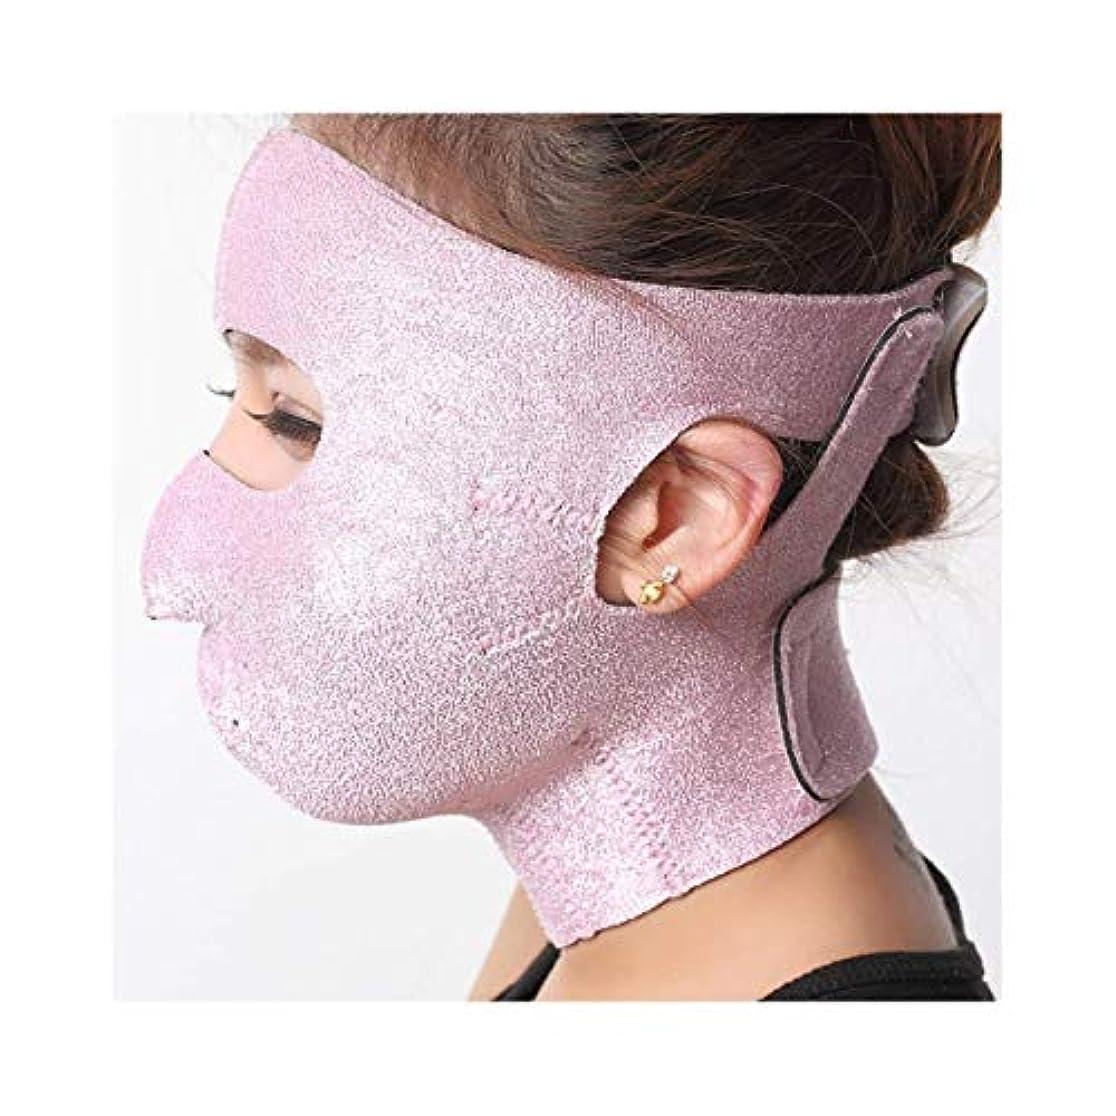 ディスパッチデンマーク語提供された引き締めフェイスマスク、小さなVフェイスアーティファクト睡眠リフティングマスク付き薄型フェイスバンデージマスク引き締めクリームフェイスリフトフェイスメロンフェイス楽器